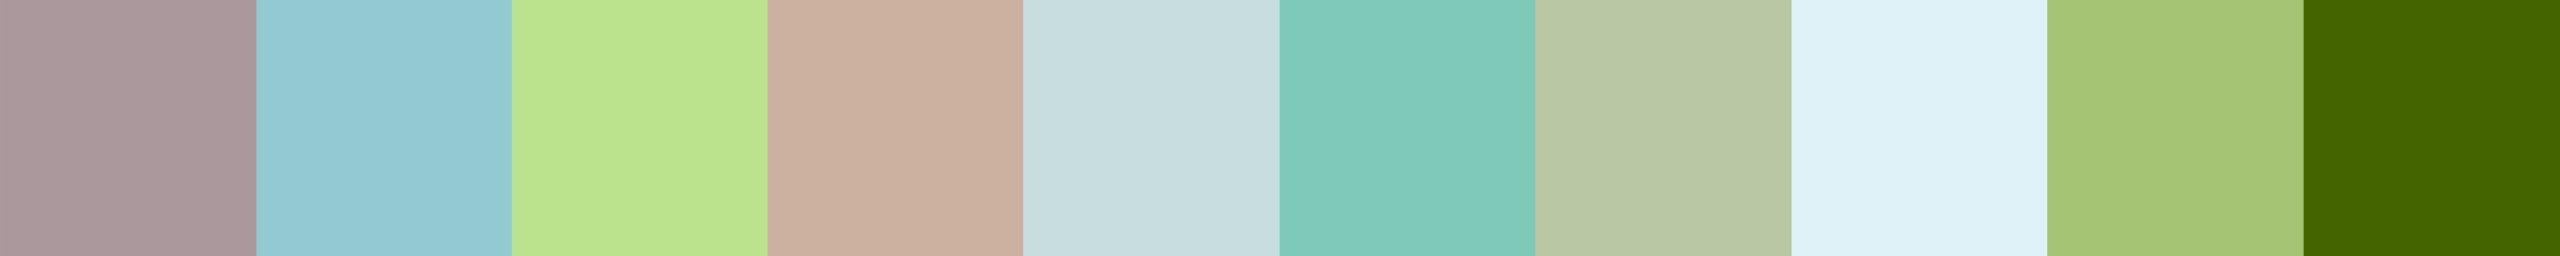 495 Onaxia Color Palette